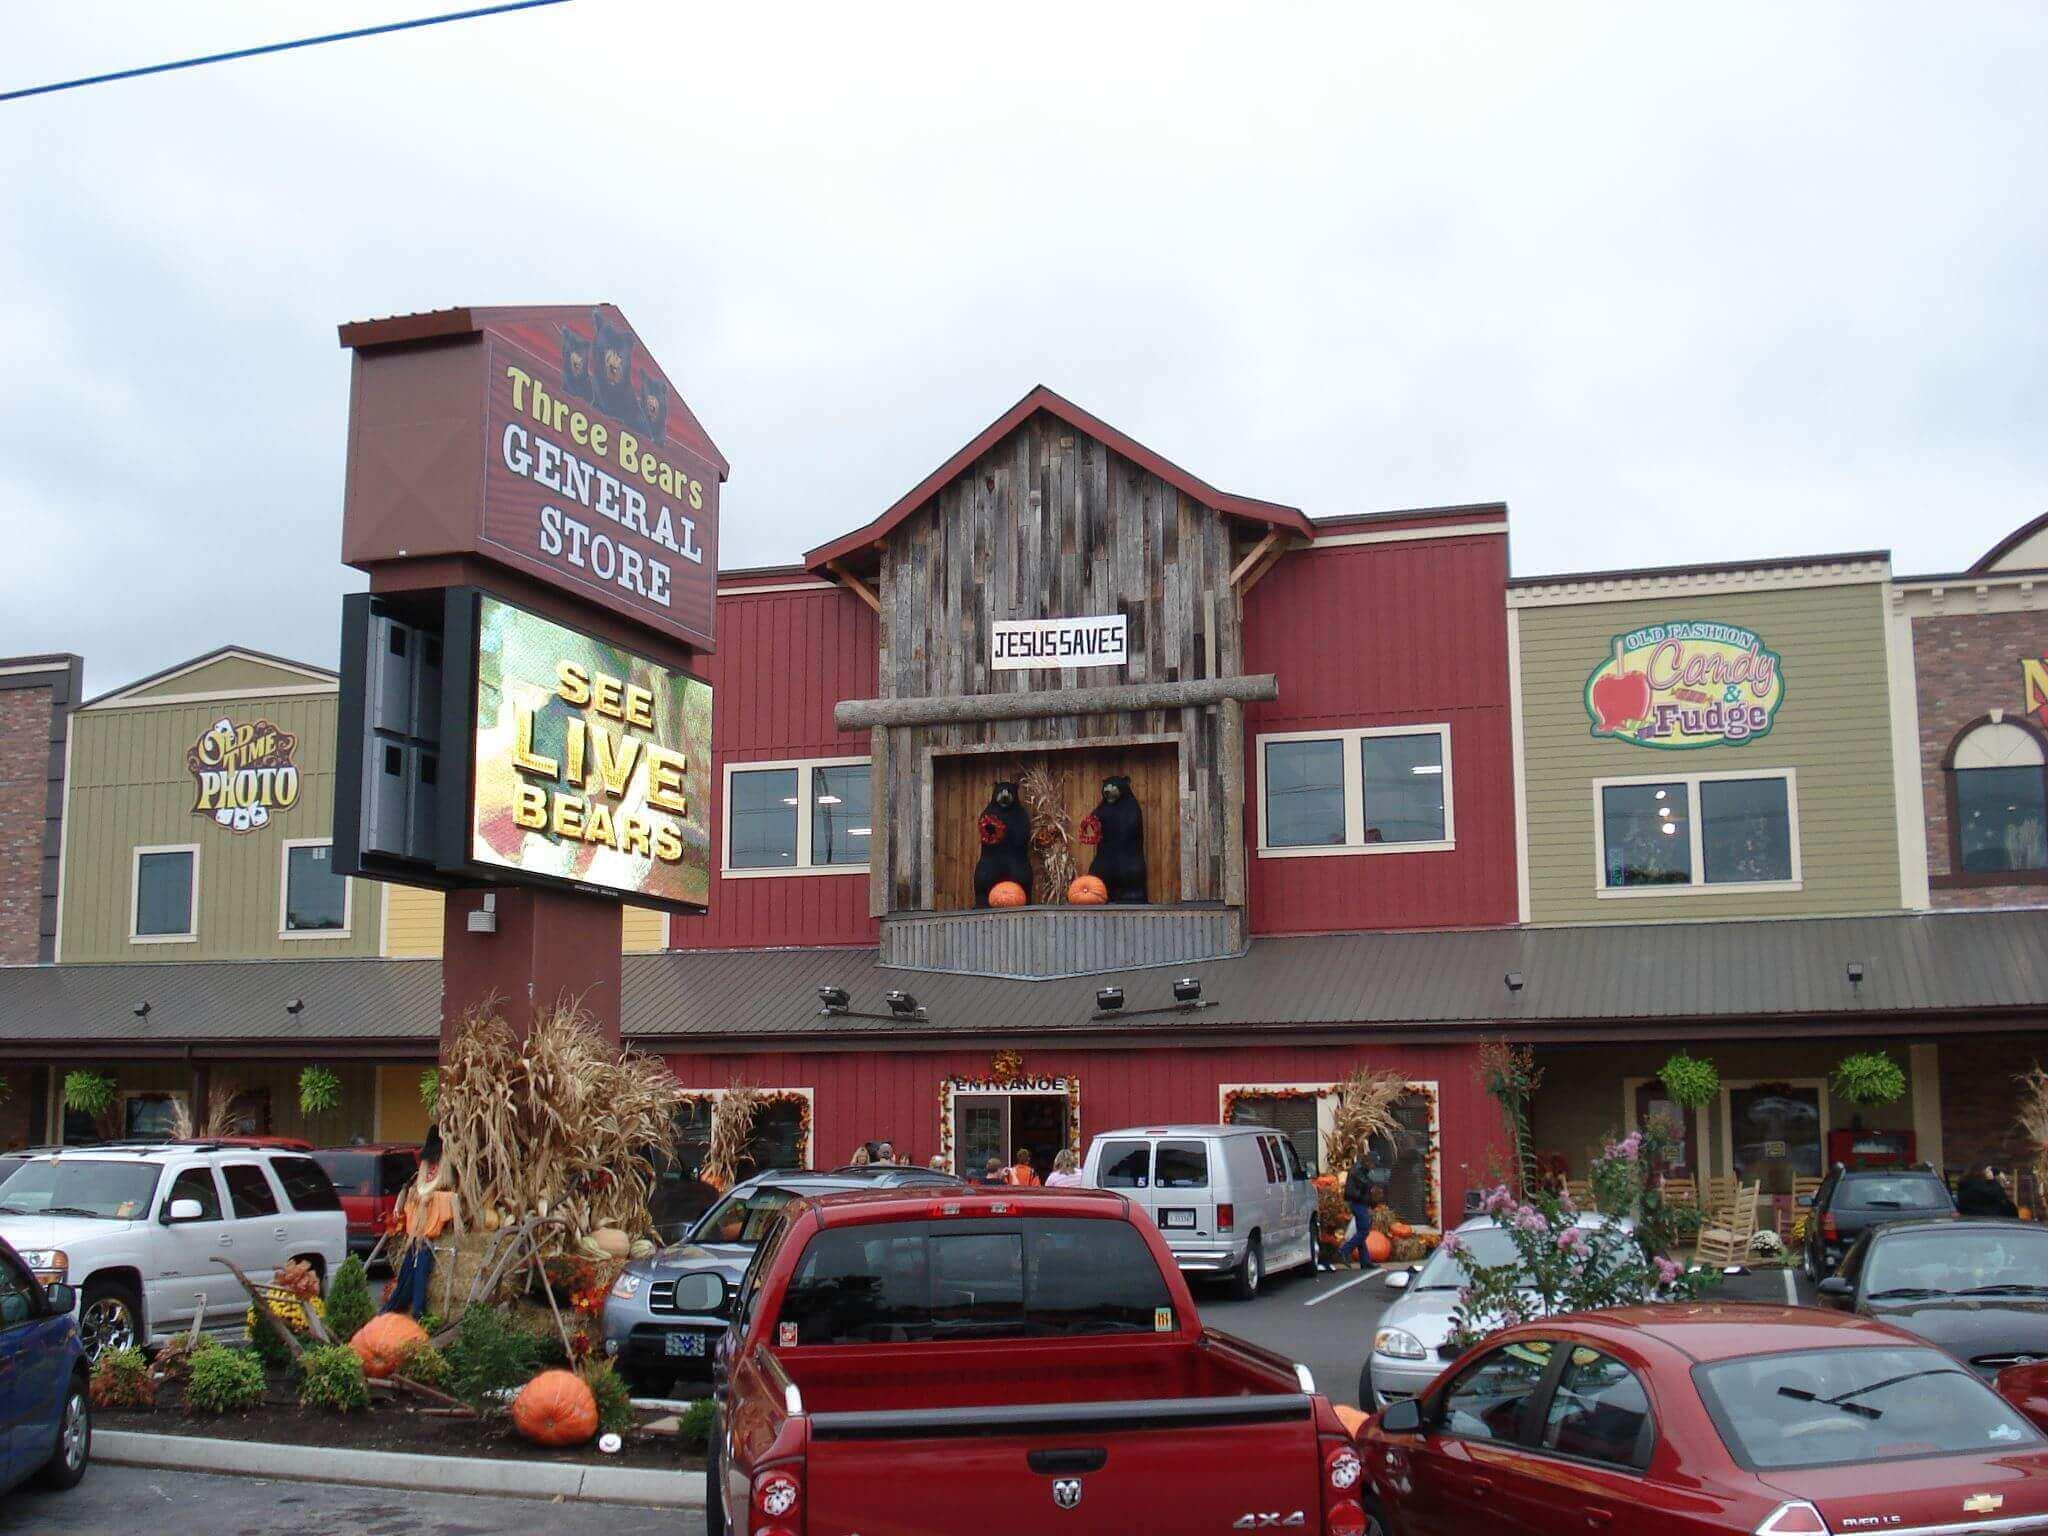 3 Bedroom Cabins In Pigeon Forge Shopping In Gatlinburg Amp Area Elk Springs Resort